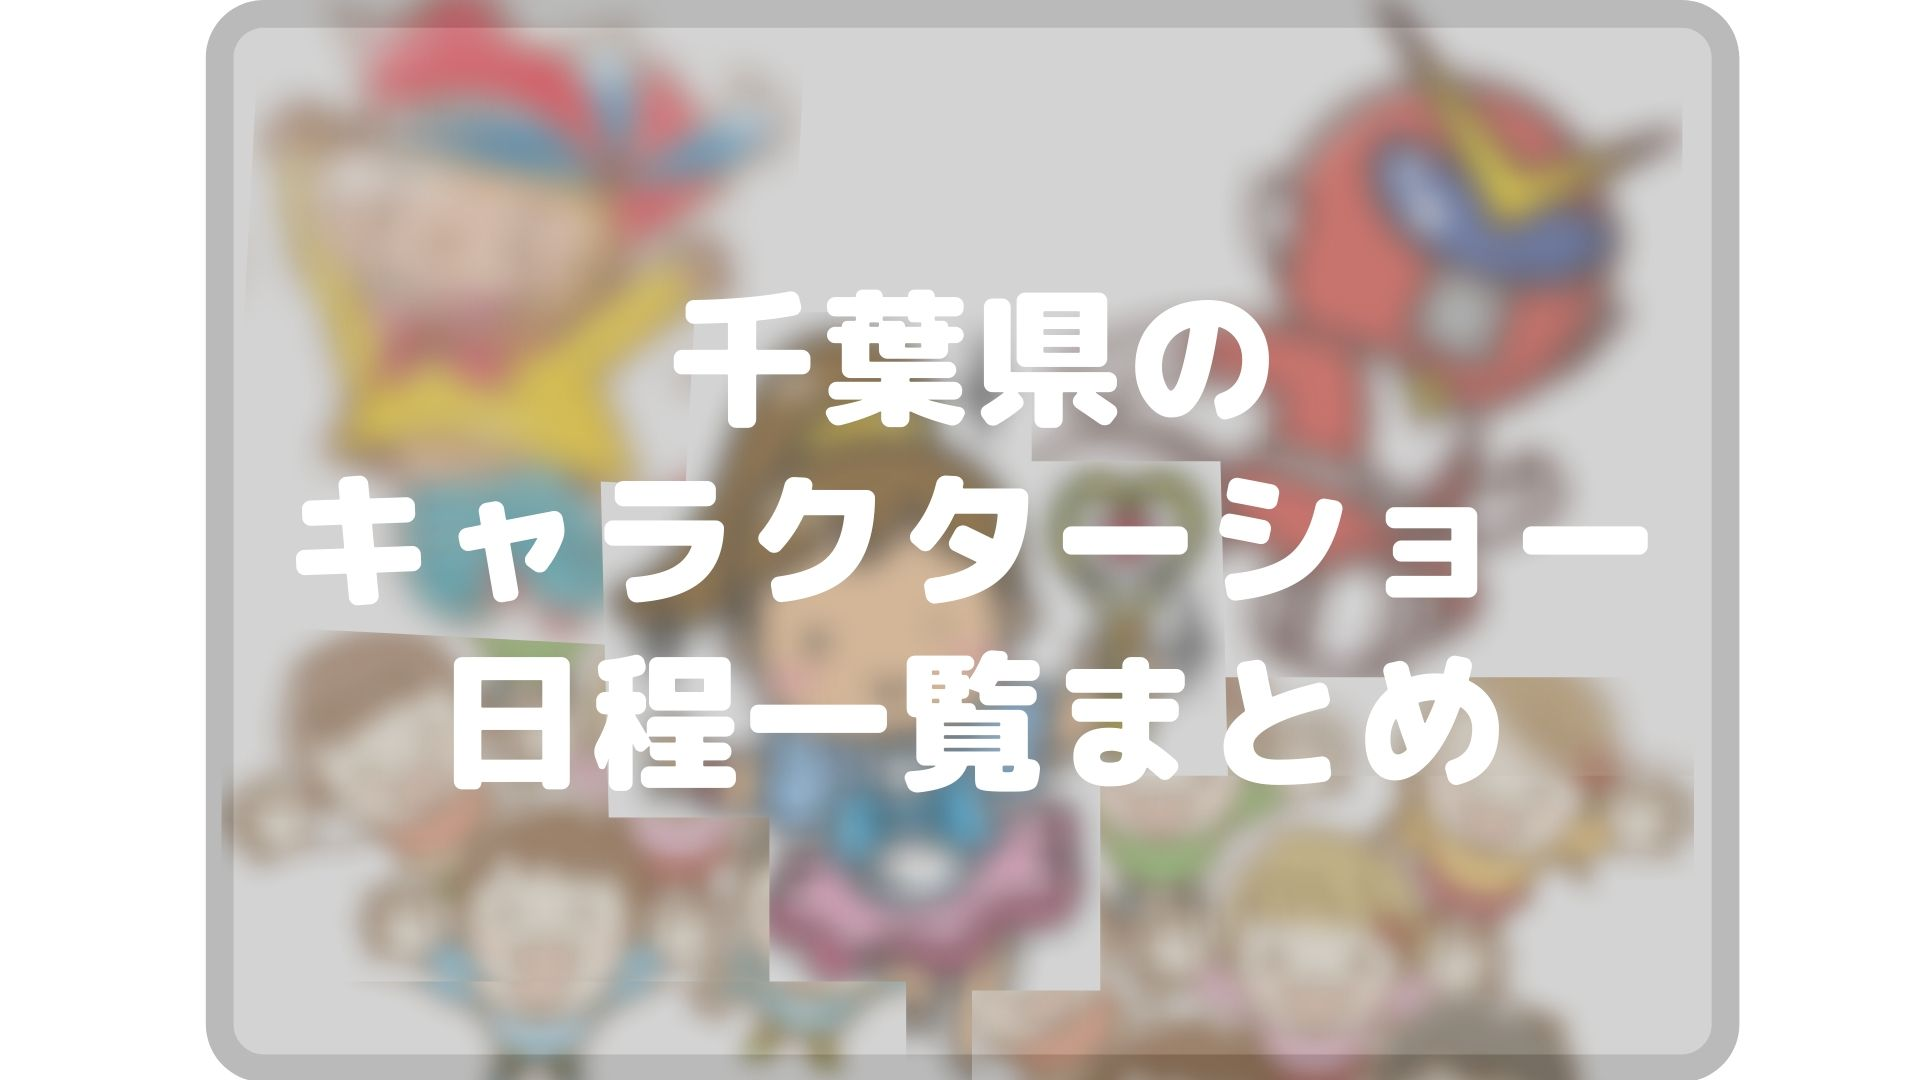 千葉県のキャラクターショーまとめタイトル画像